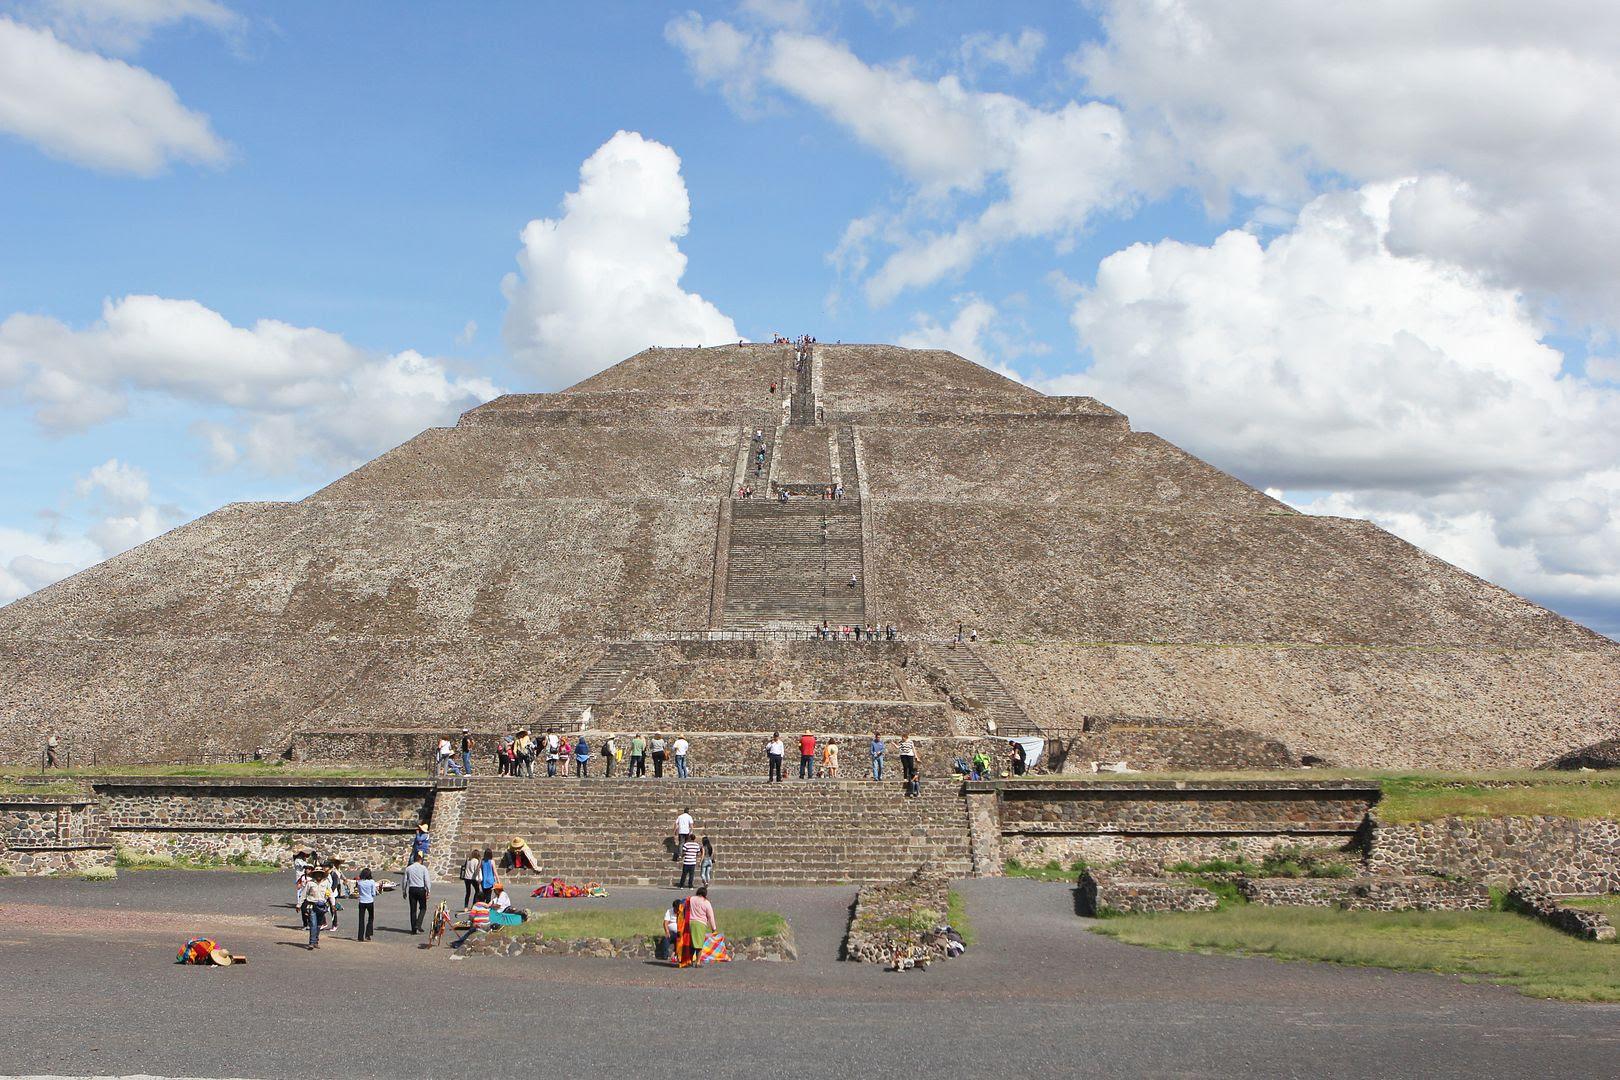 photo sunpyramid-mexico-piramidesdeteotihuacan-pyramids-mexico-teotihuacan-sun-beckermans_zpsd9b23732.jpg